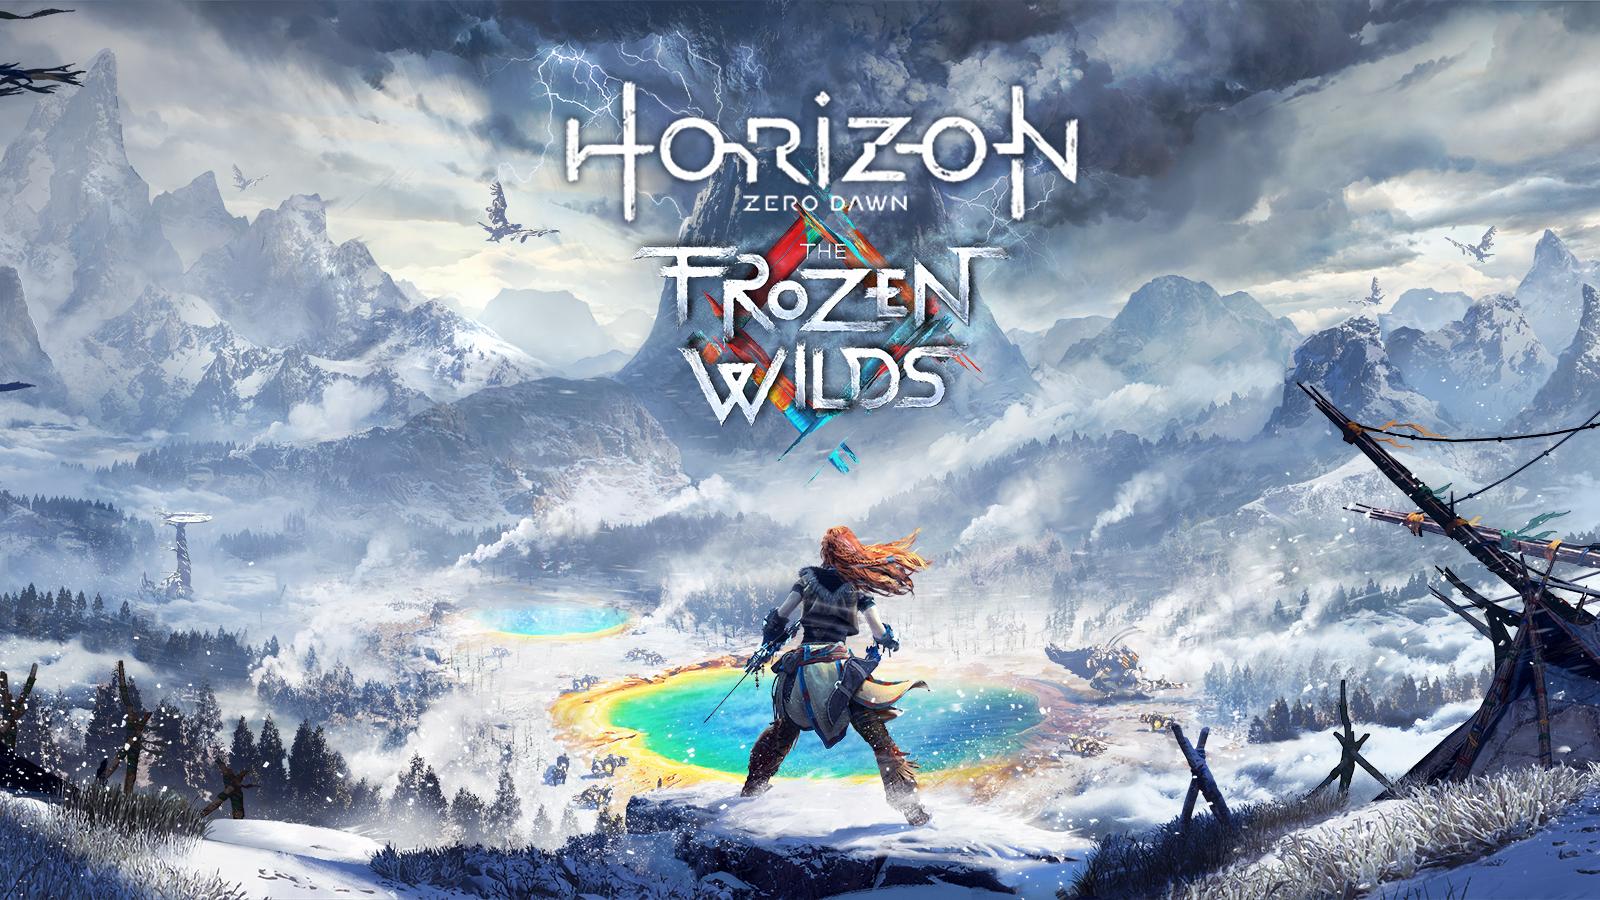 Horizon Zero Dawn Frozen Wilds Guerrilla Games